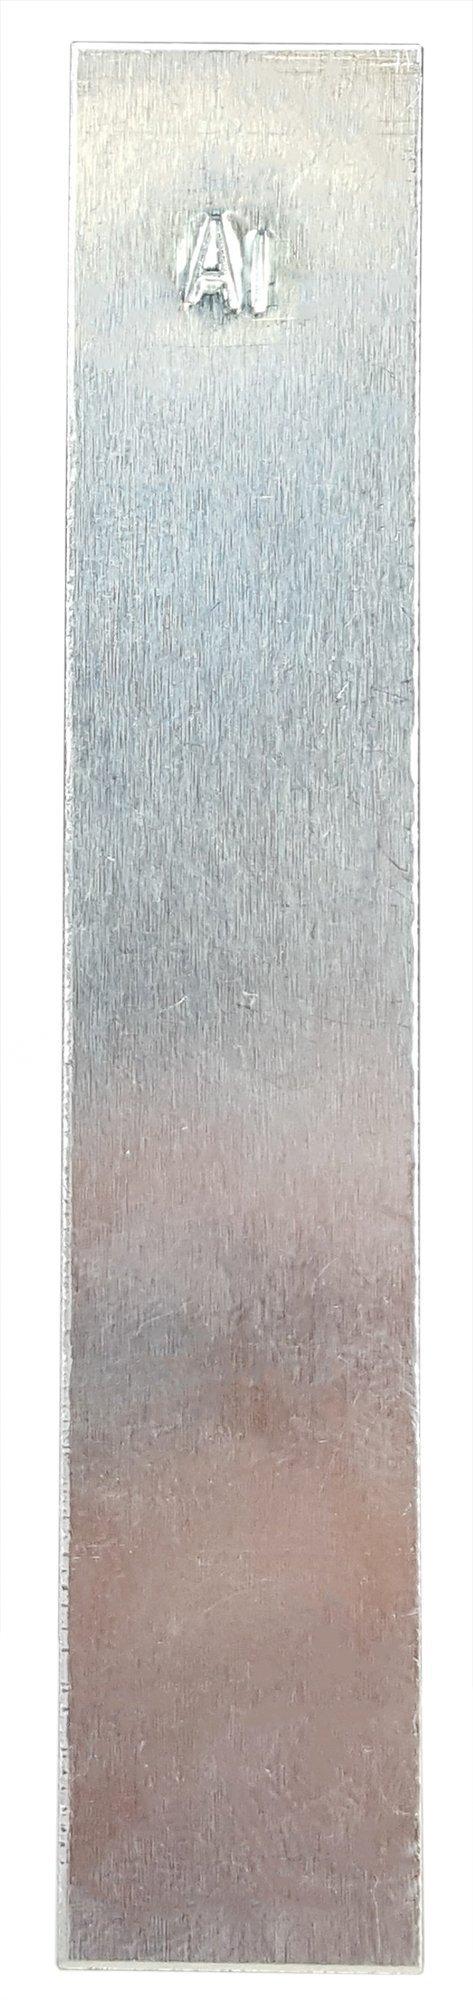 GSC International Flat Aluminum Electrode